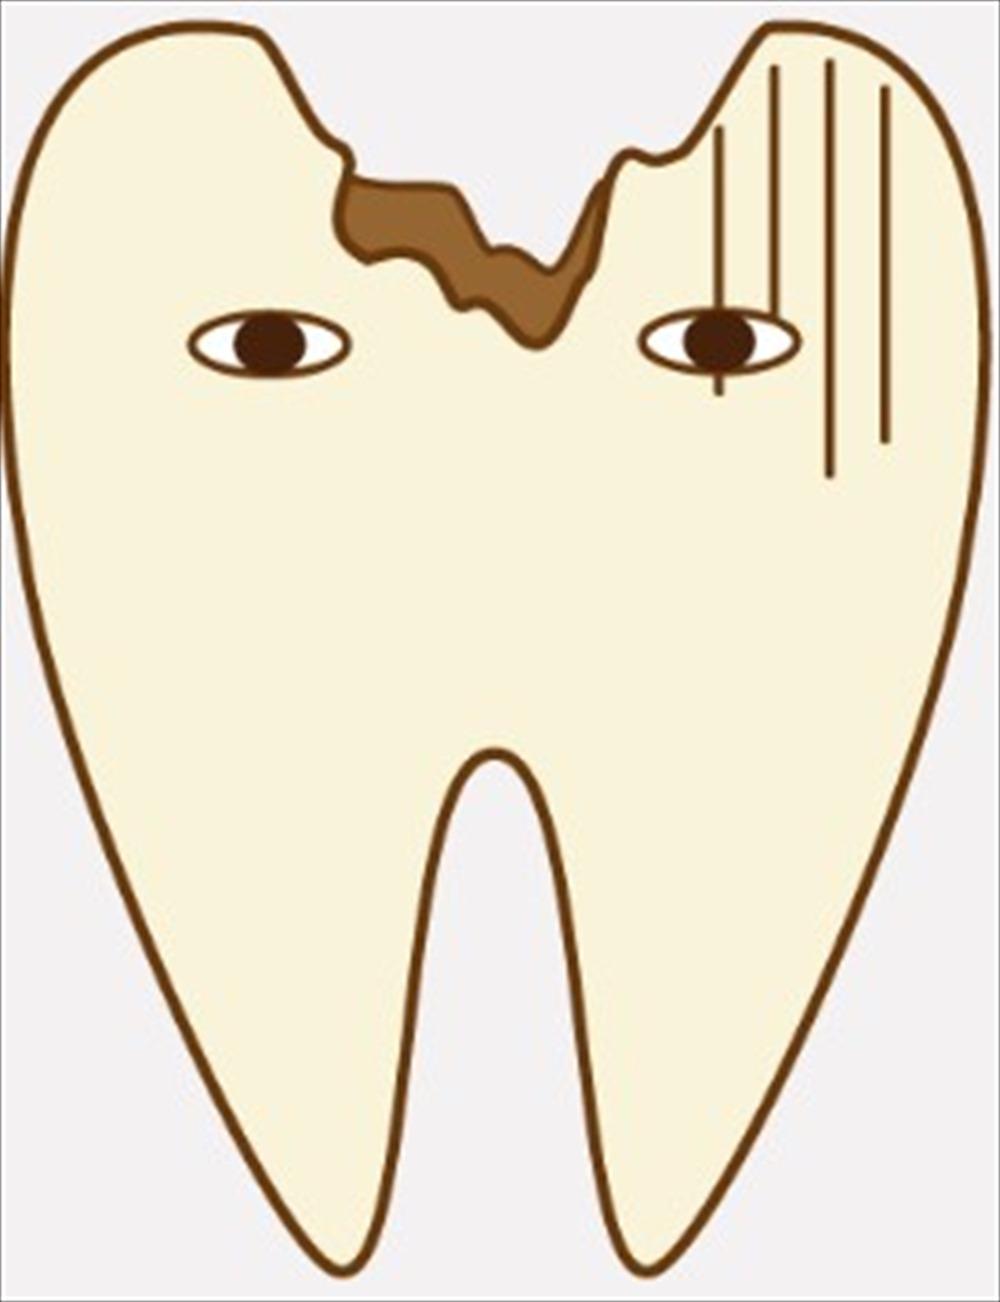 歯医者さんが教える!治療中の歯を放置していたらどうなるの?①